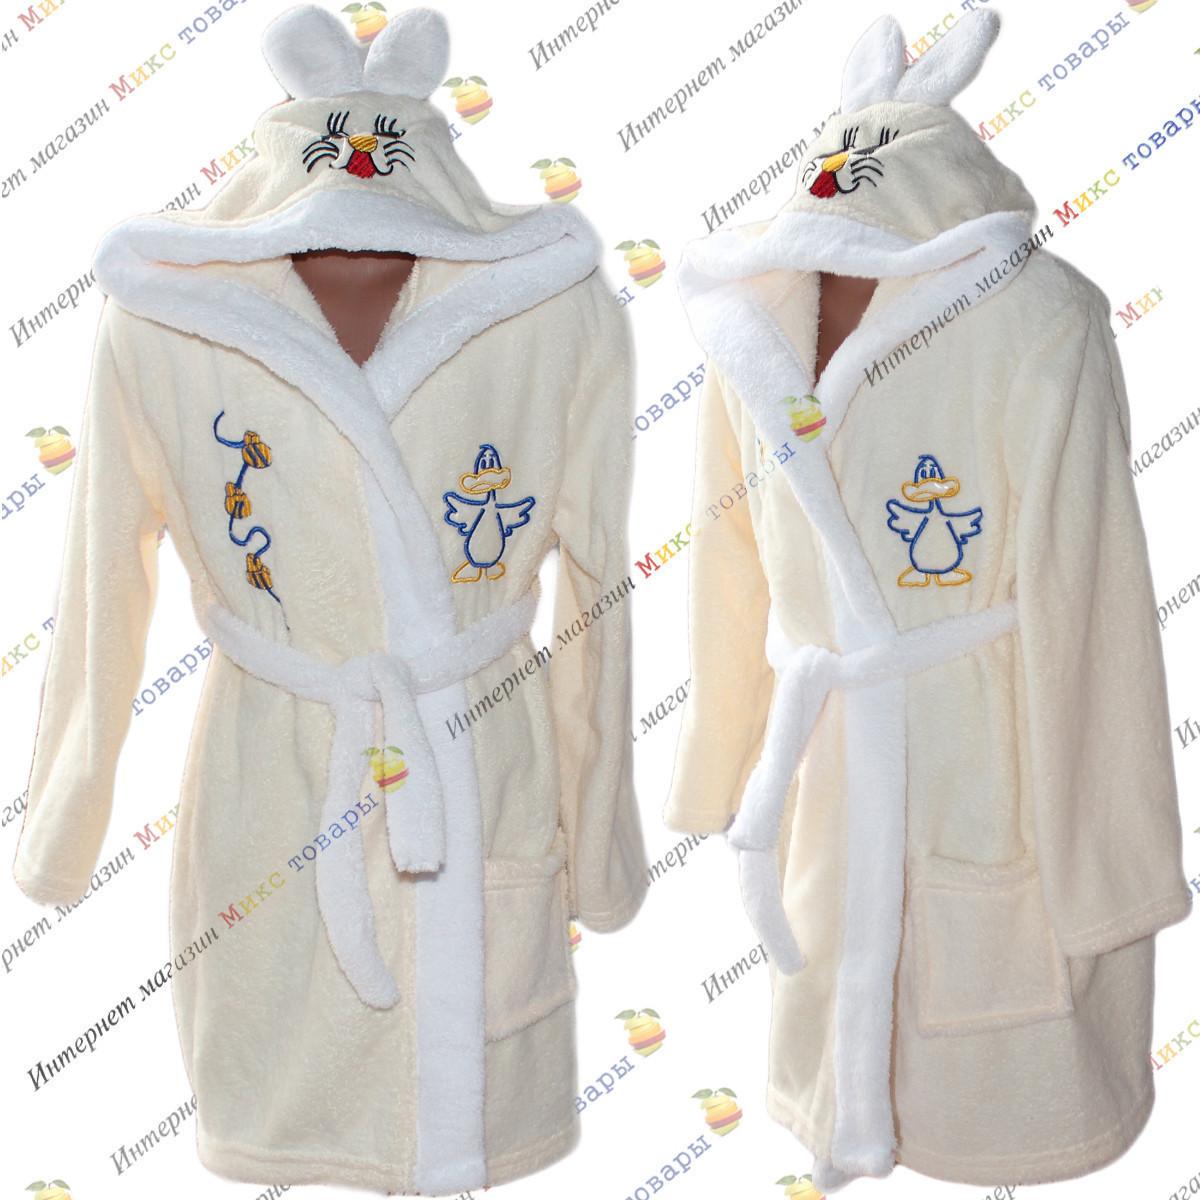 Детские махровые халаты для мальчиков и девочек от 1 до 4 лет